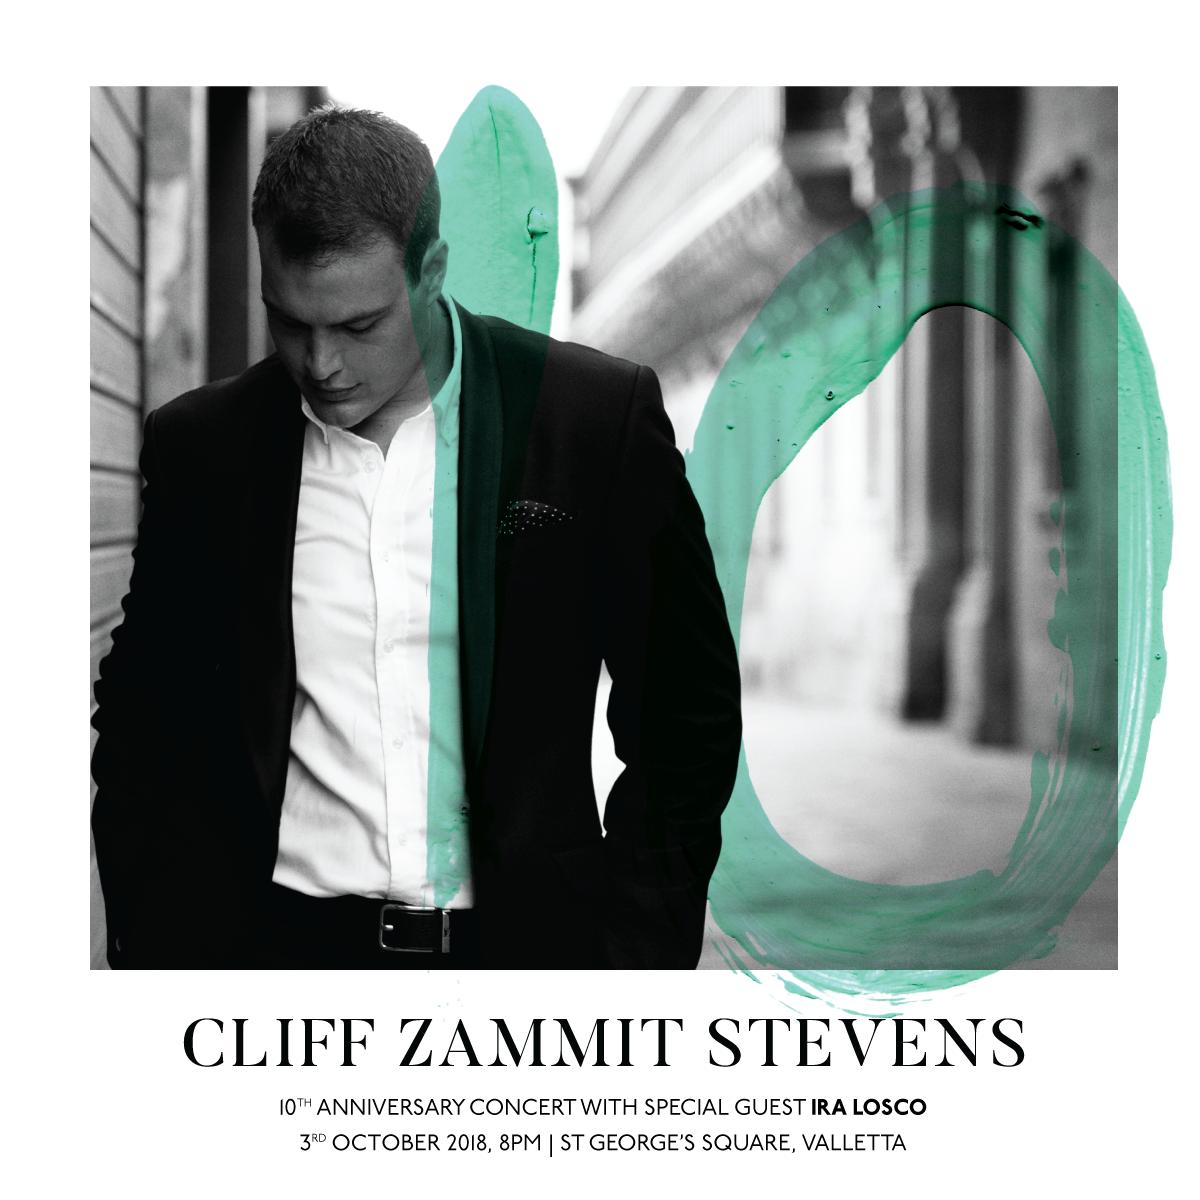 Cliff Zammit Stevens 10 Year Anniversary Concert flyer